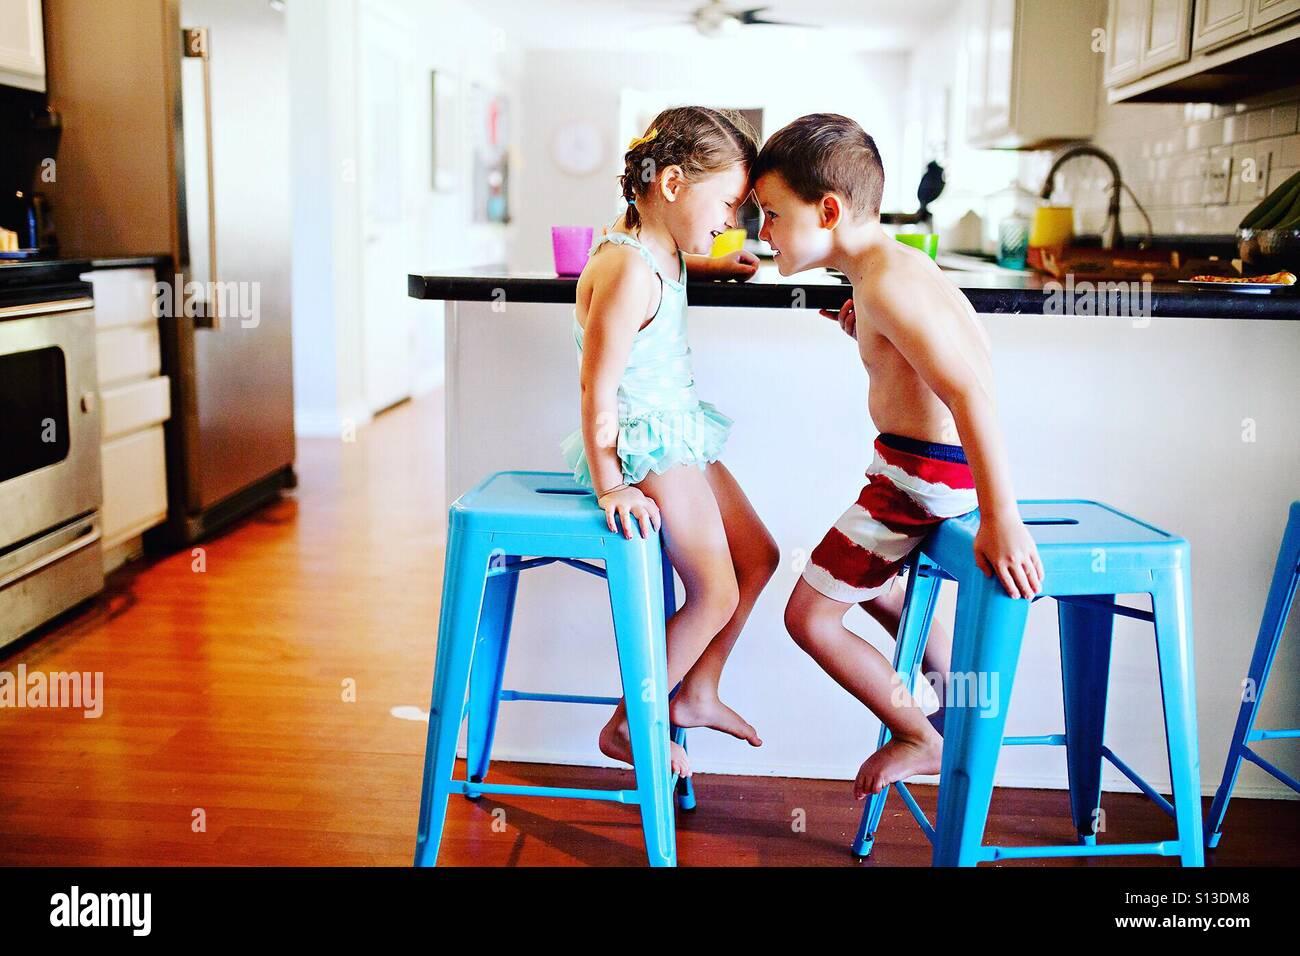 Due bambini in abiti nuotare essendo stupido al momento dei pasti a casa nella cucina moderna Foto Stock